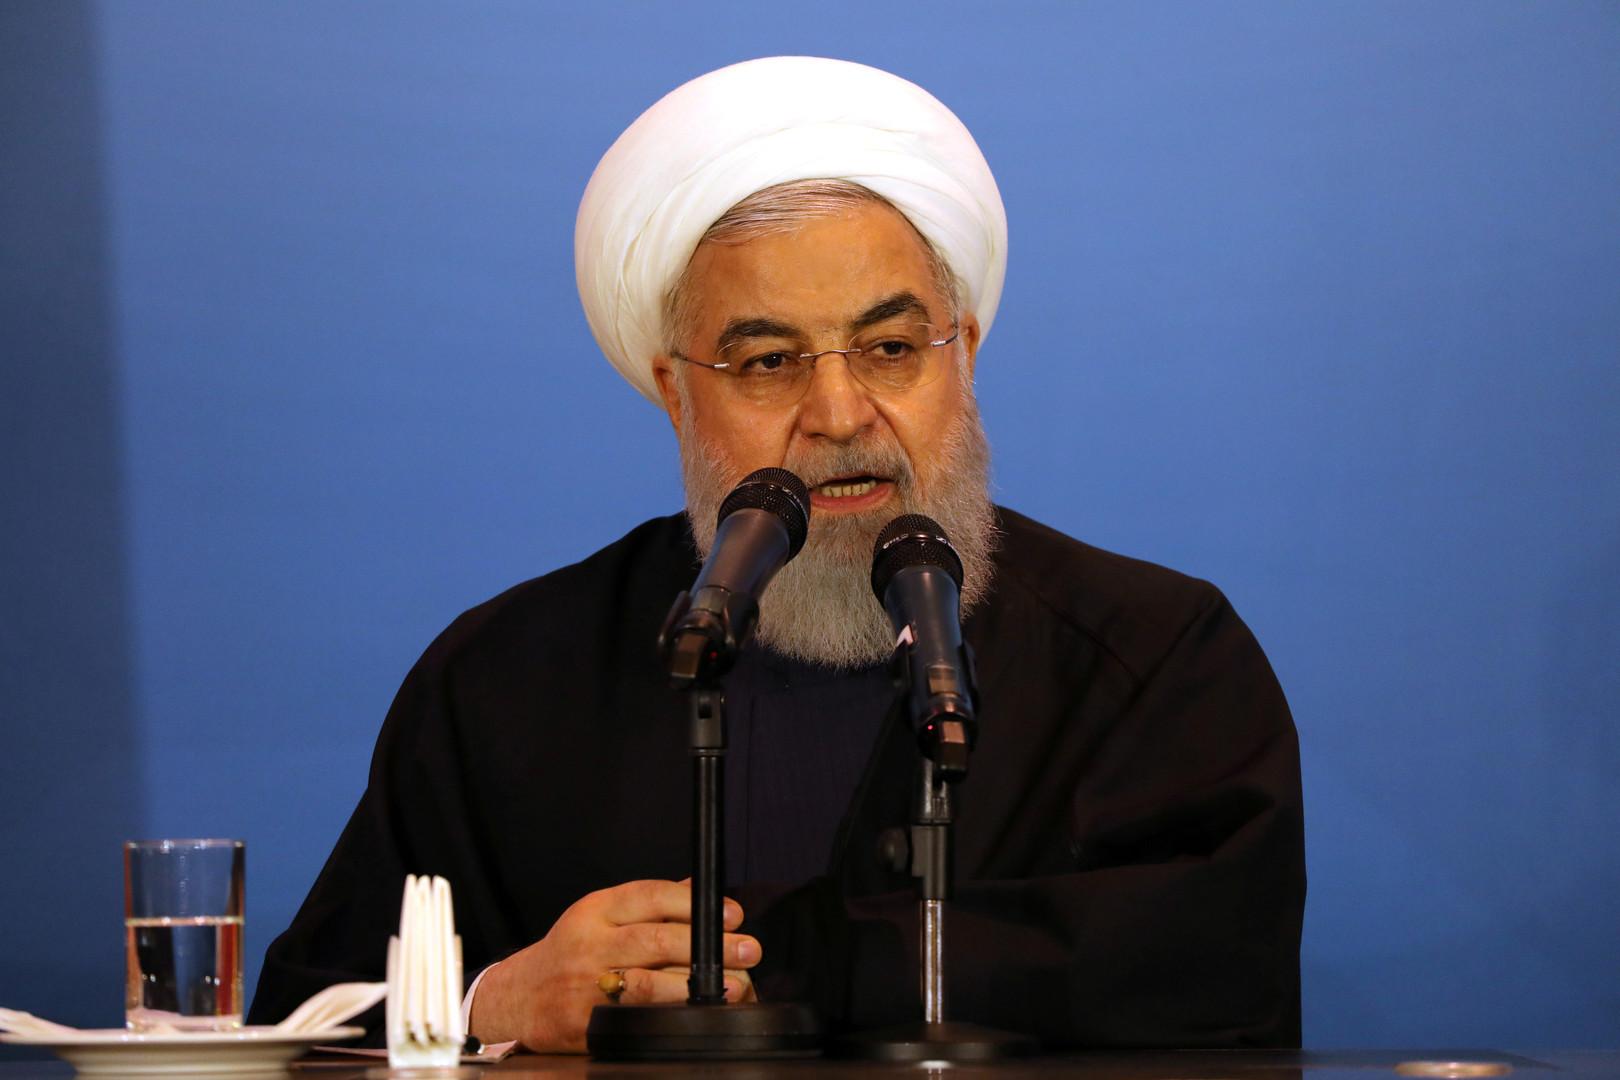 سياسي إيراني عن روحاني: نمر بما يشبه الحرب تماما